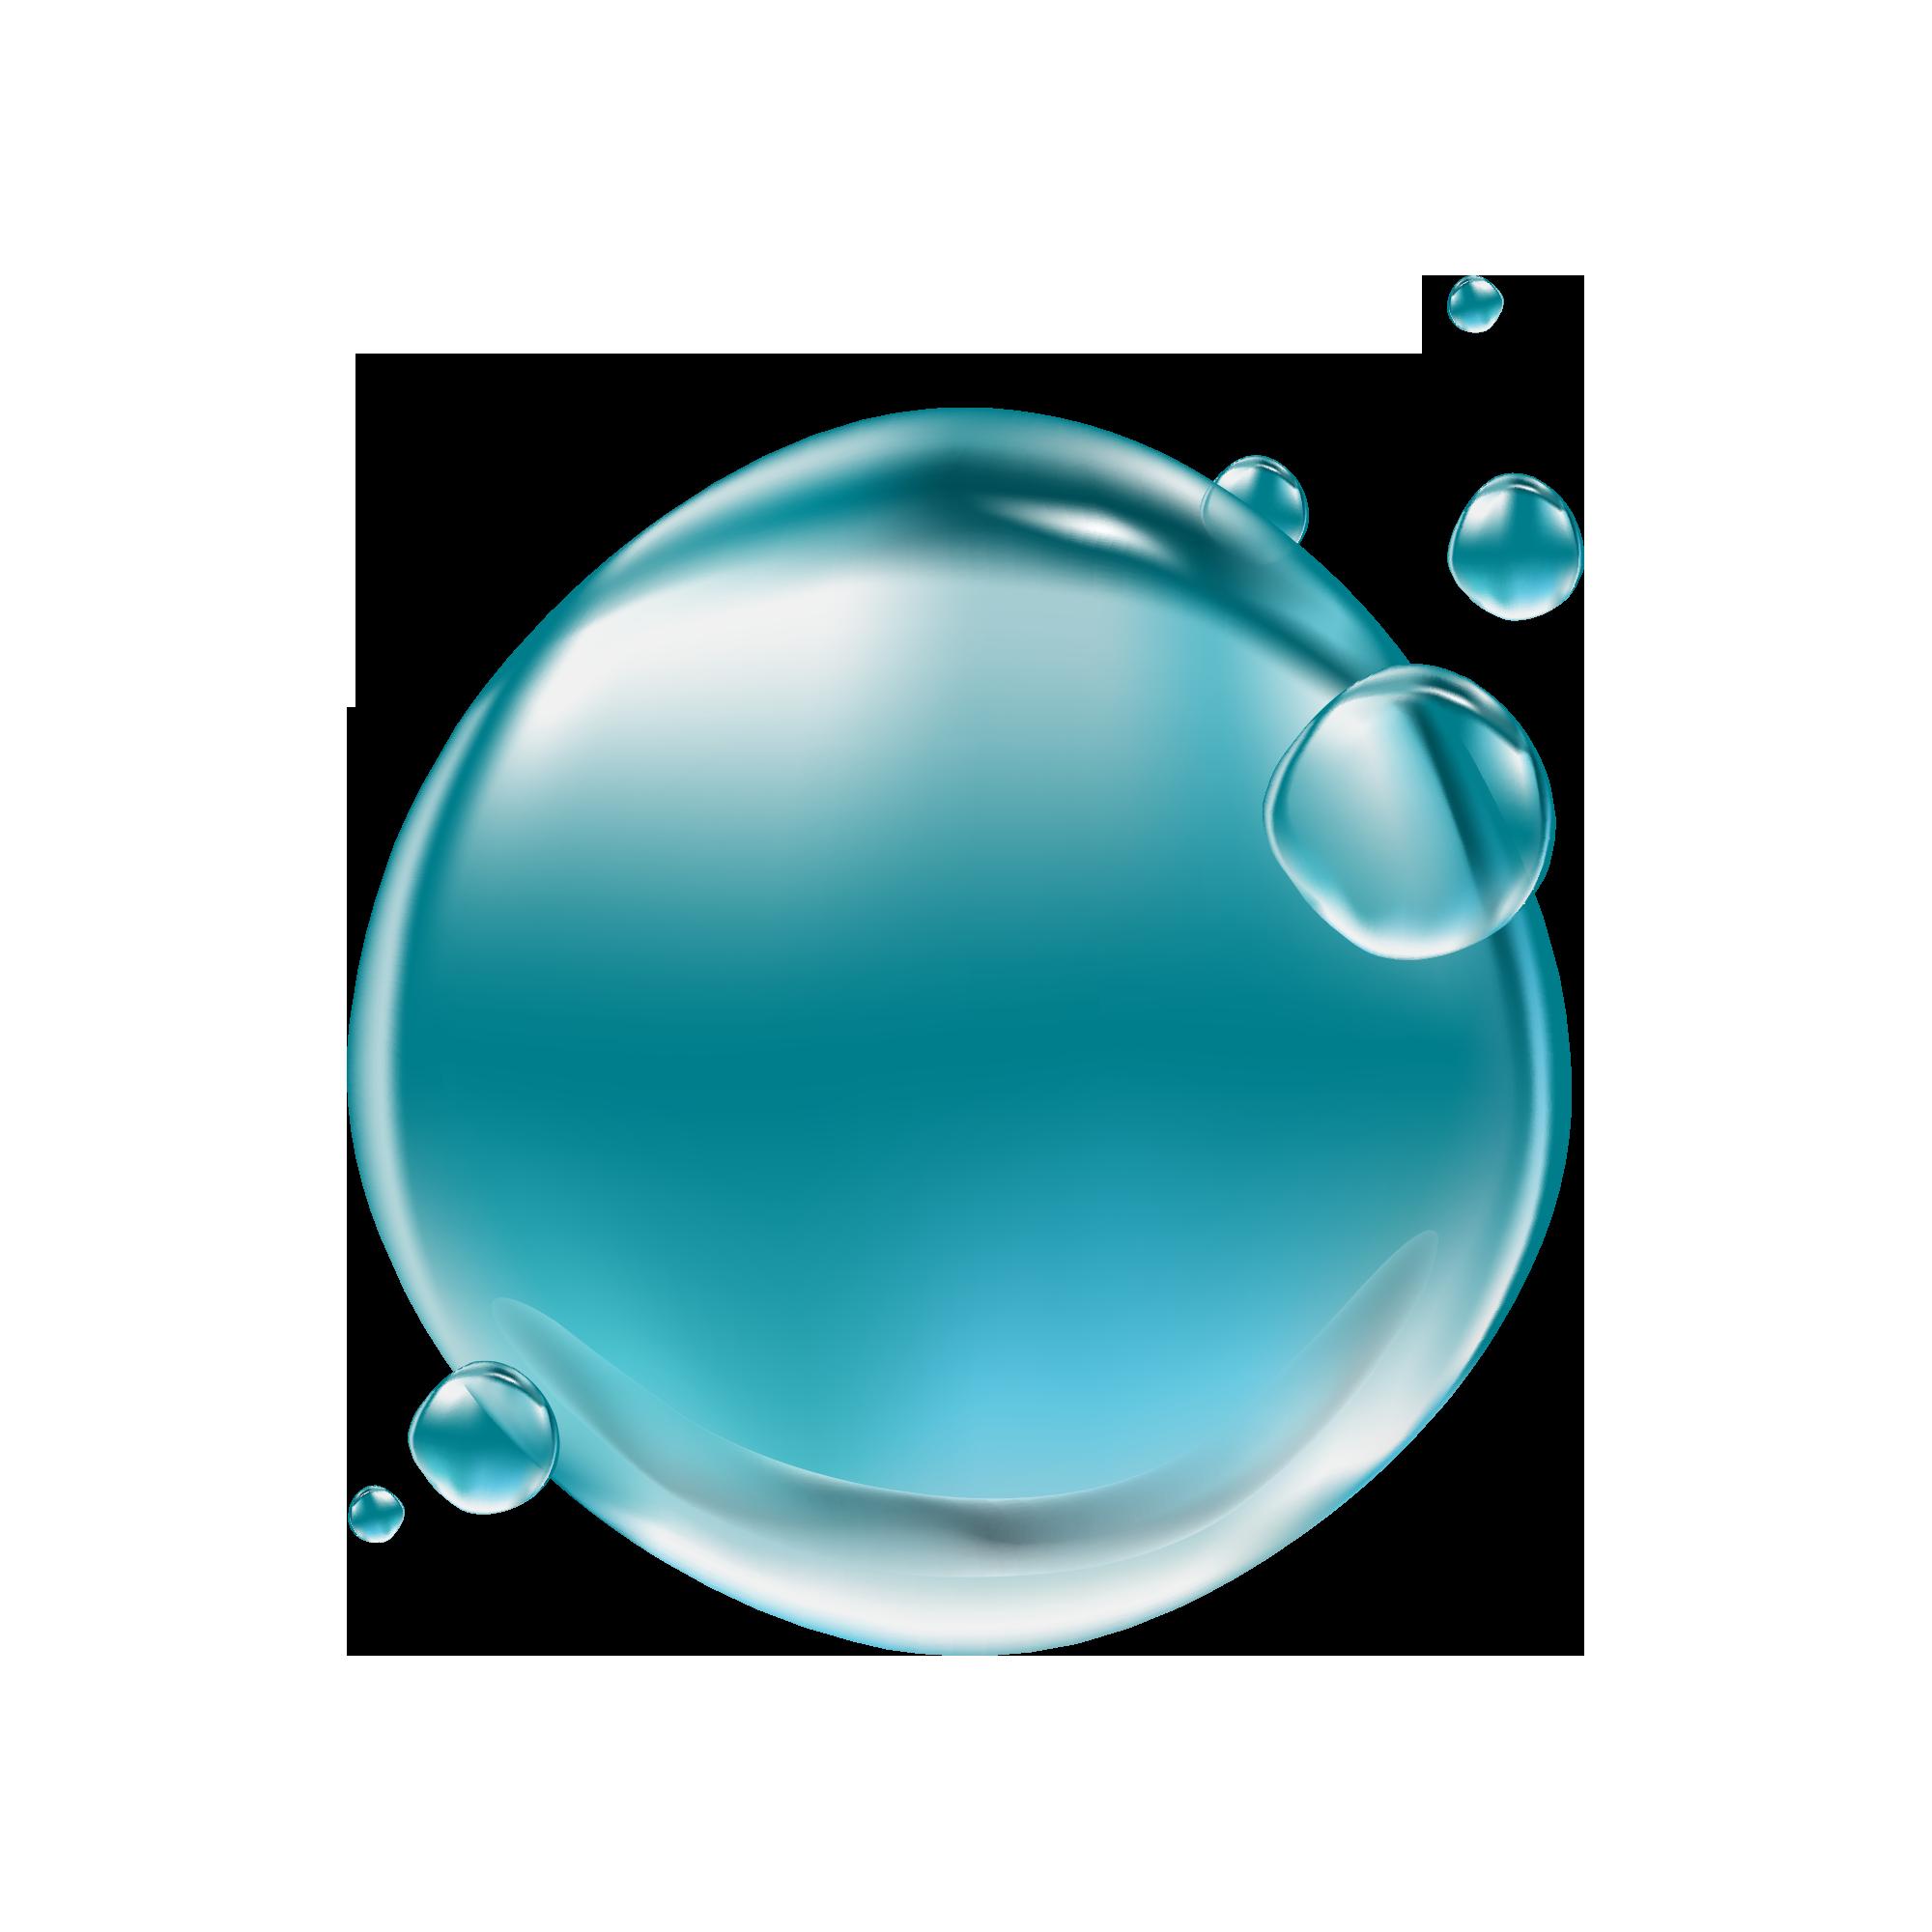 Hình ảnh bong bóng xanh